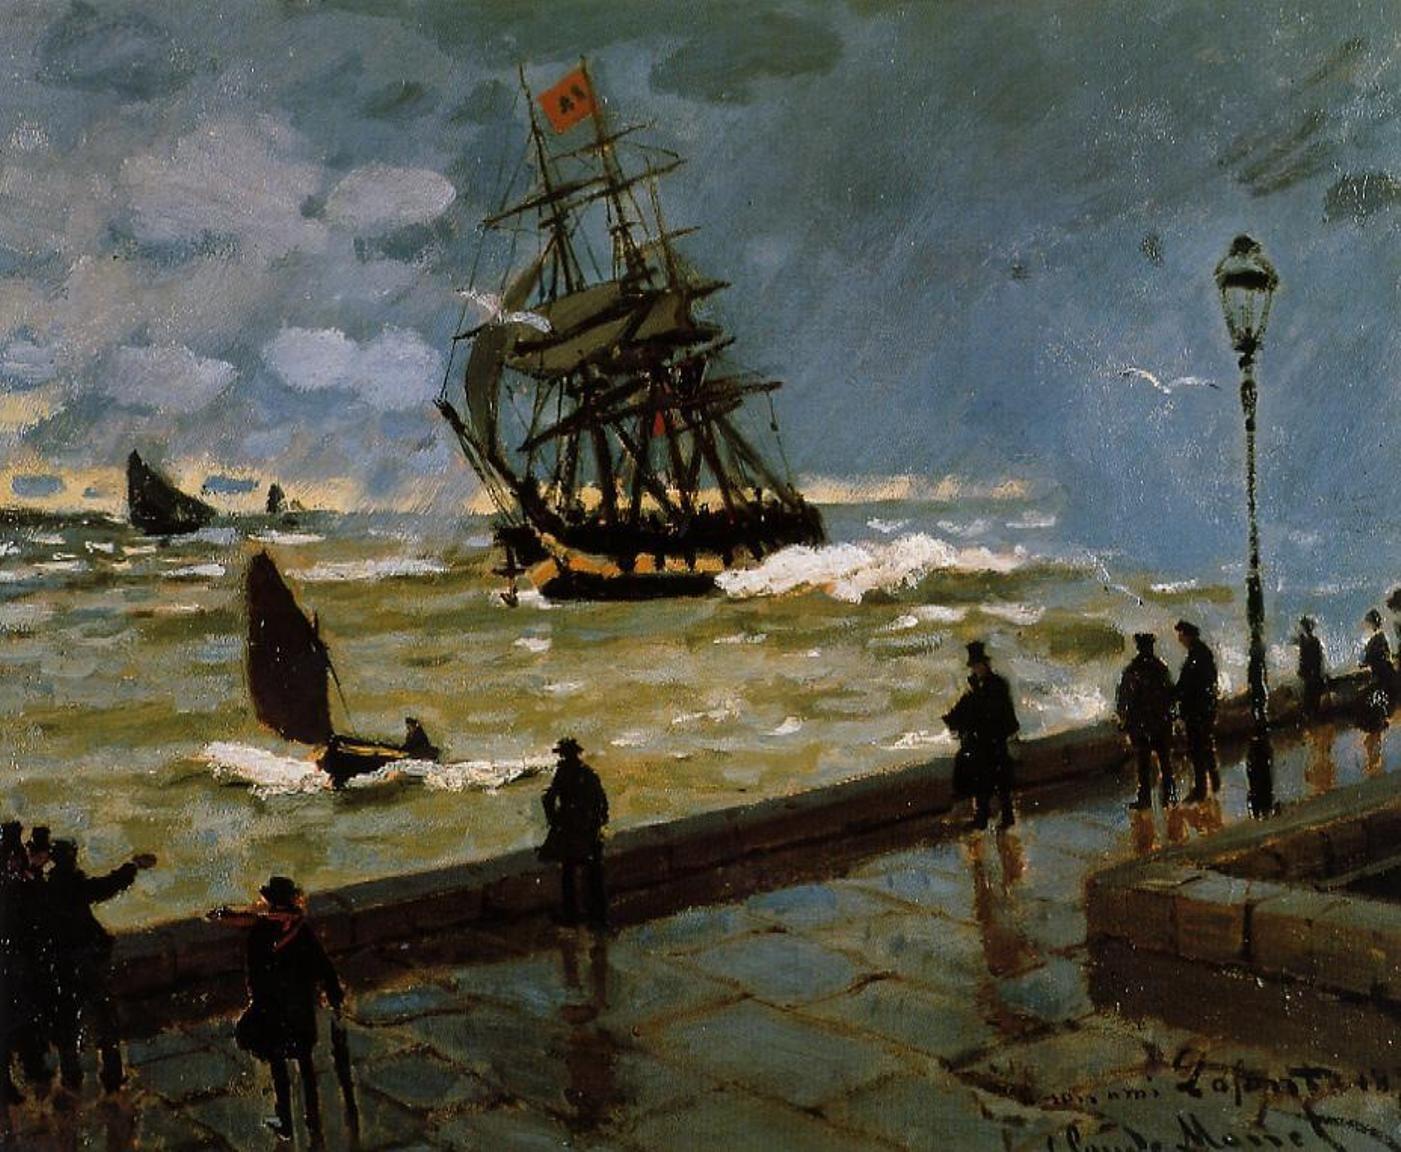 Claude Monet(FRA) クロード・モネ(仏)【2019】 | モネ、印象派、クロードモネ